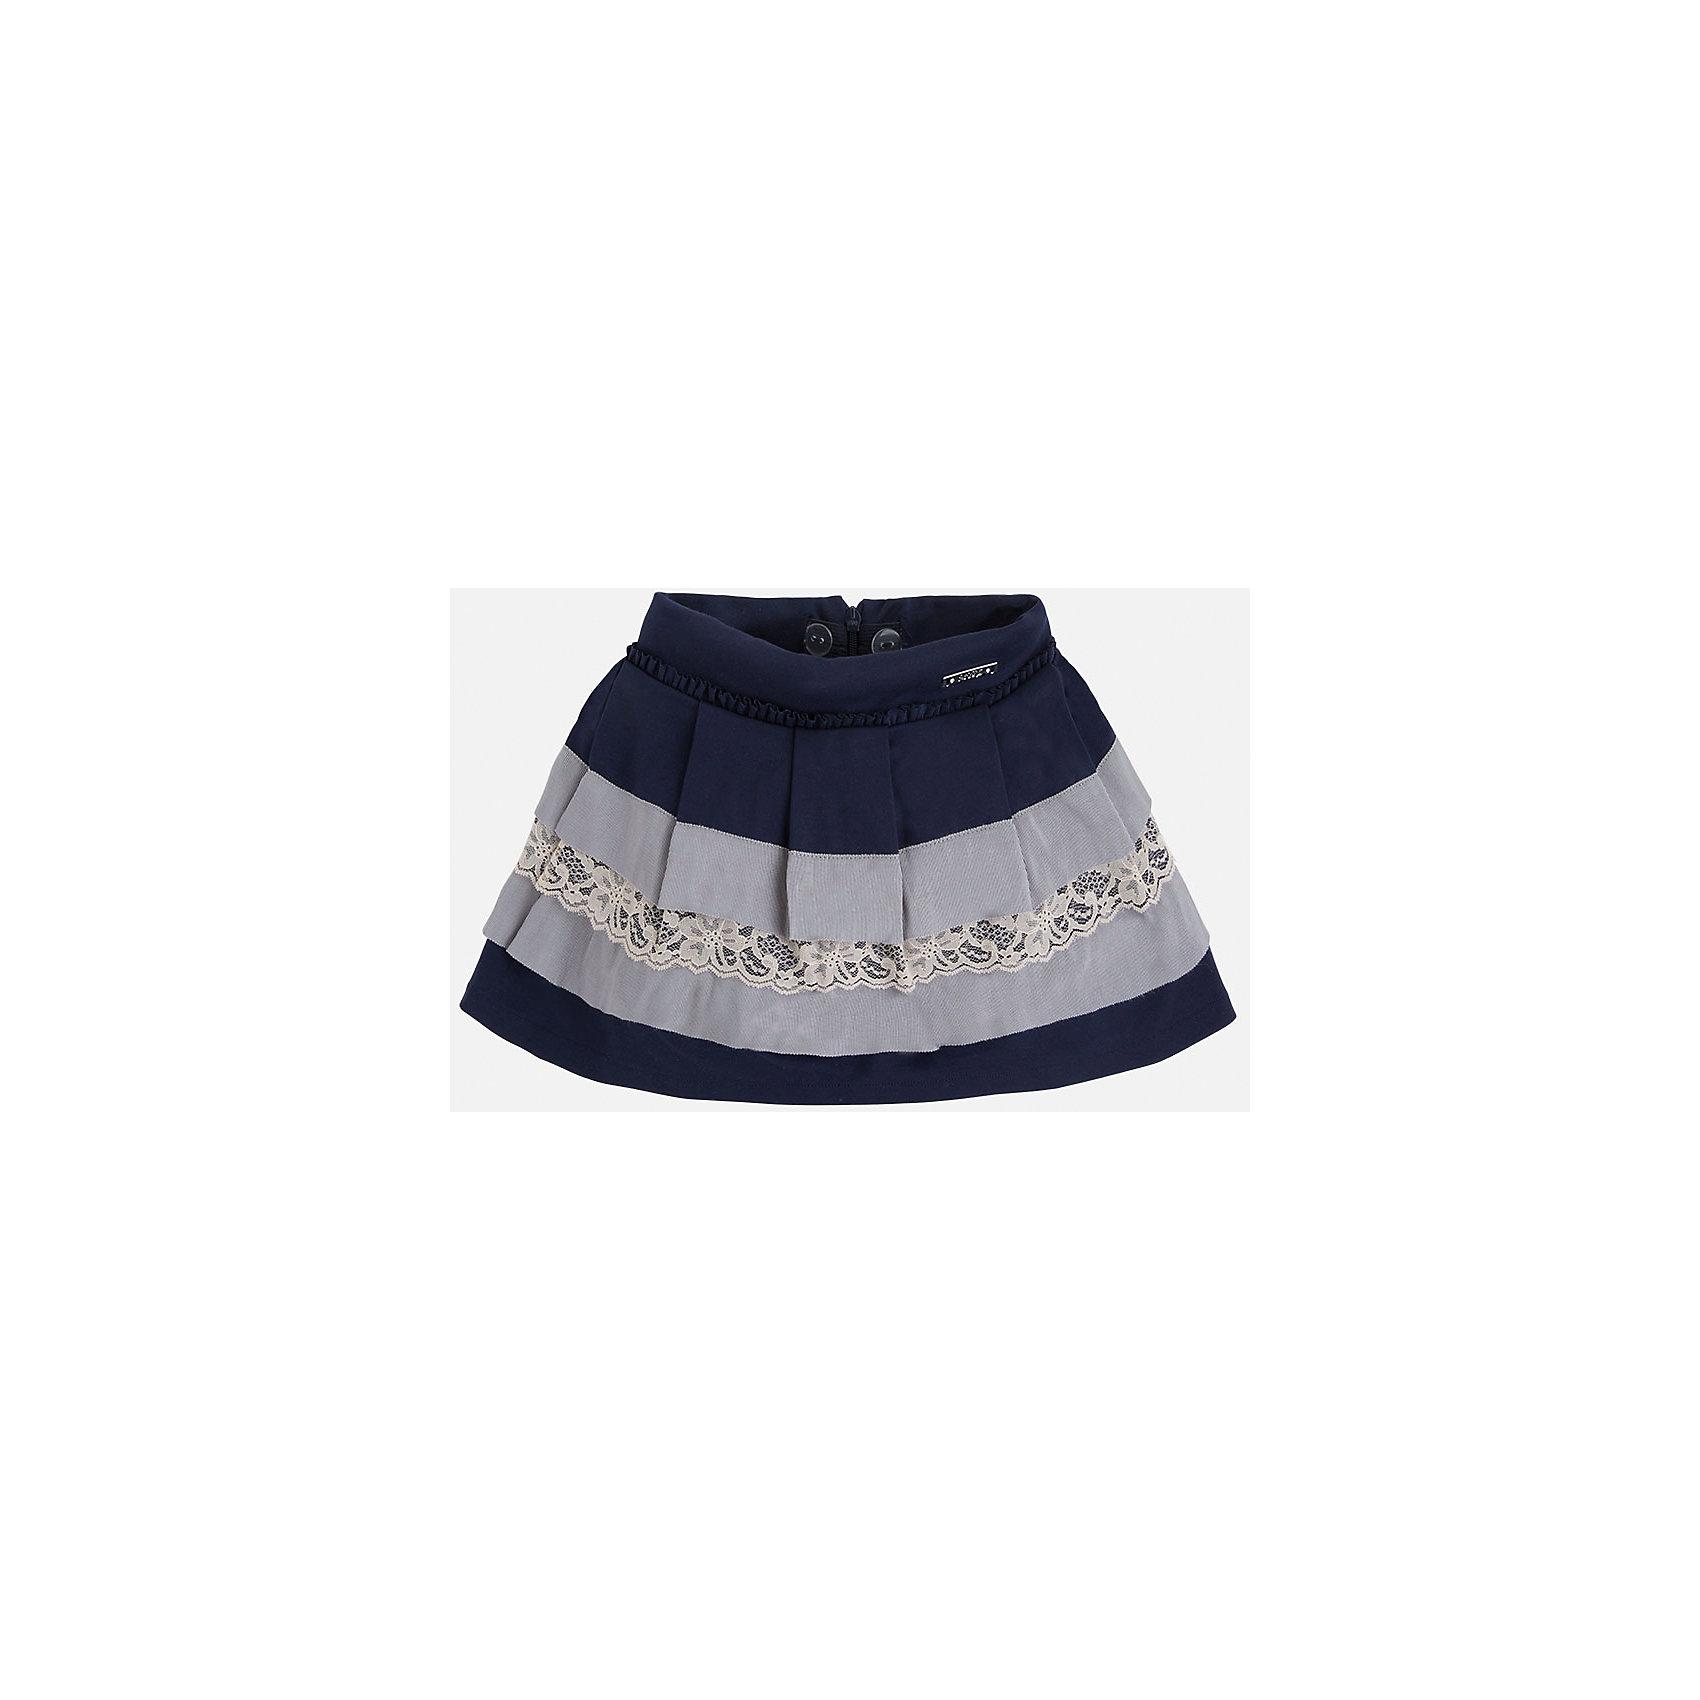 Юбка для девочки MayoralОдежда<br>Юбка для девочка от известного испанского бренда Mayoral(Майорал). Модель изготовлена из качественных материалов, приятных на ощупь. Юбка застегивается на молнию, украшена оборками, нежными кружевами. Контрастный дизайн юбки отлично смотрится на юной моднице!<br>Дополнительная информация:<br>-сзади застегивается на молнию<br>-украшена кружевами и оборками<br>-цвет: синий/серый<br>-состав: 71% вискоза, 26% полиамид, 3% эластан; подкладка: 80% полиэстер, 20% хлопок<br>Юбку Mayoral(Майорал) можно приобрести в нашем интернет-магазине.<br><br>Ширина мм: 207<br>Глубина мм: 10<br>Высота мм: 189<br>Вес г: 183<br>Цвет: синий<br>Возраст от месяцев: 24<br>Возраст до месяцев: 36<br>Пол: Женский<br>Возраст: Детский<br>Размер: 98,134,110,104,128,122,116<br>SKU: 4844247